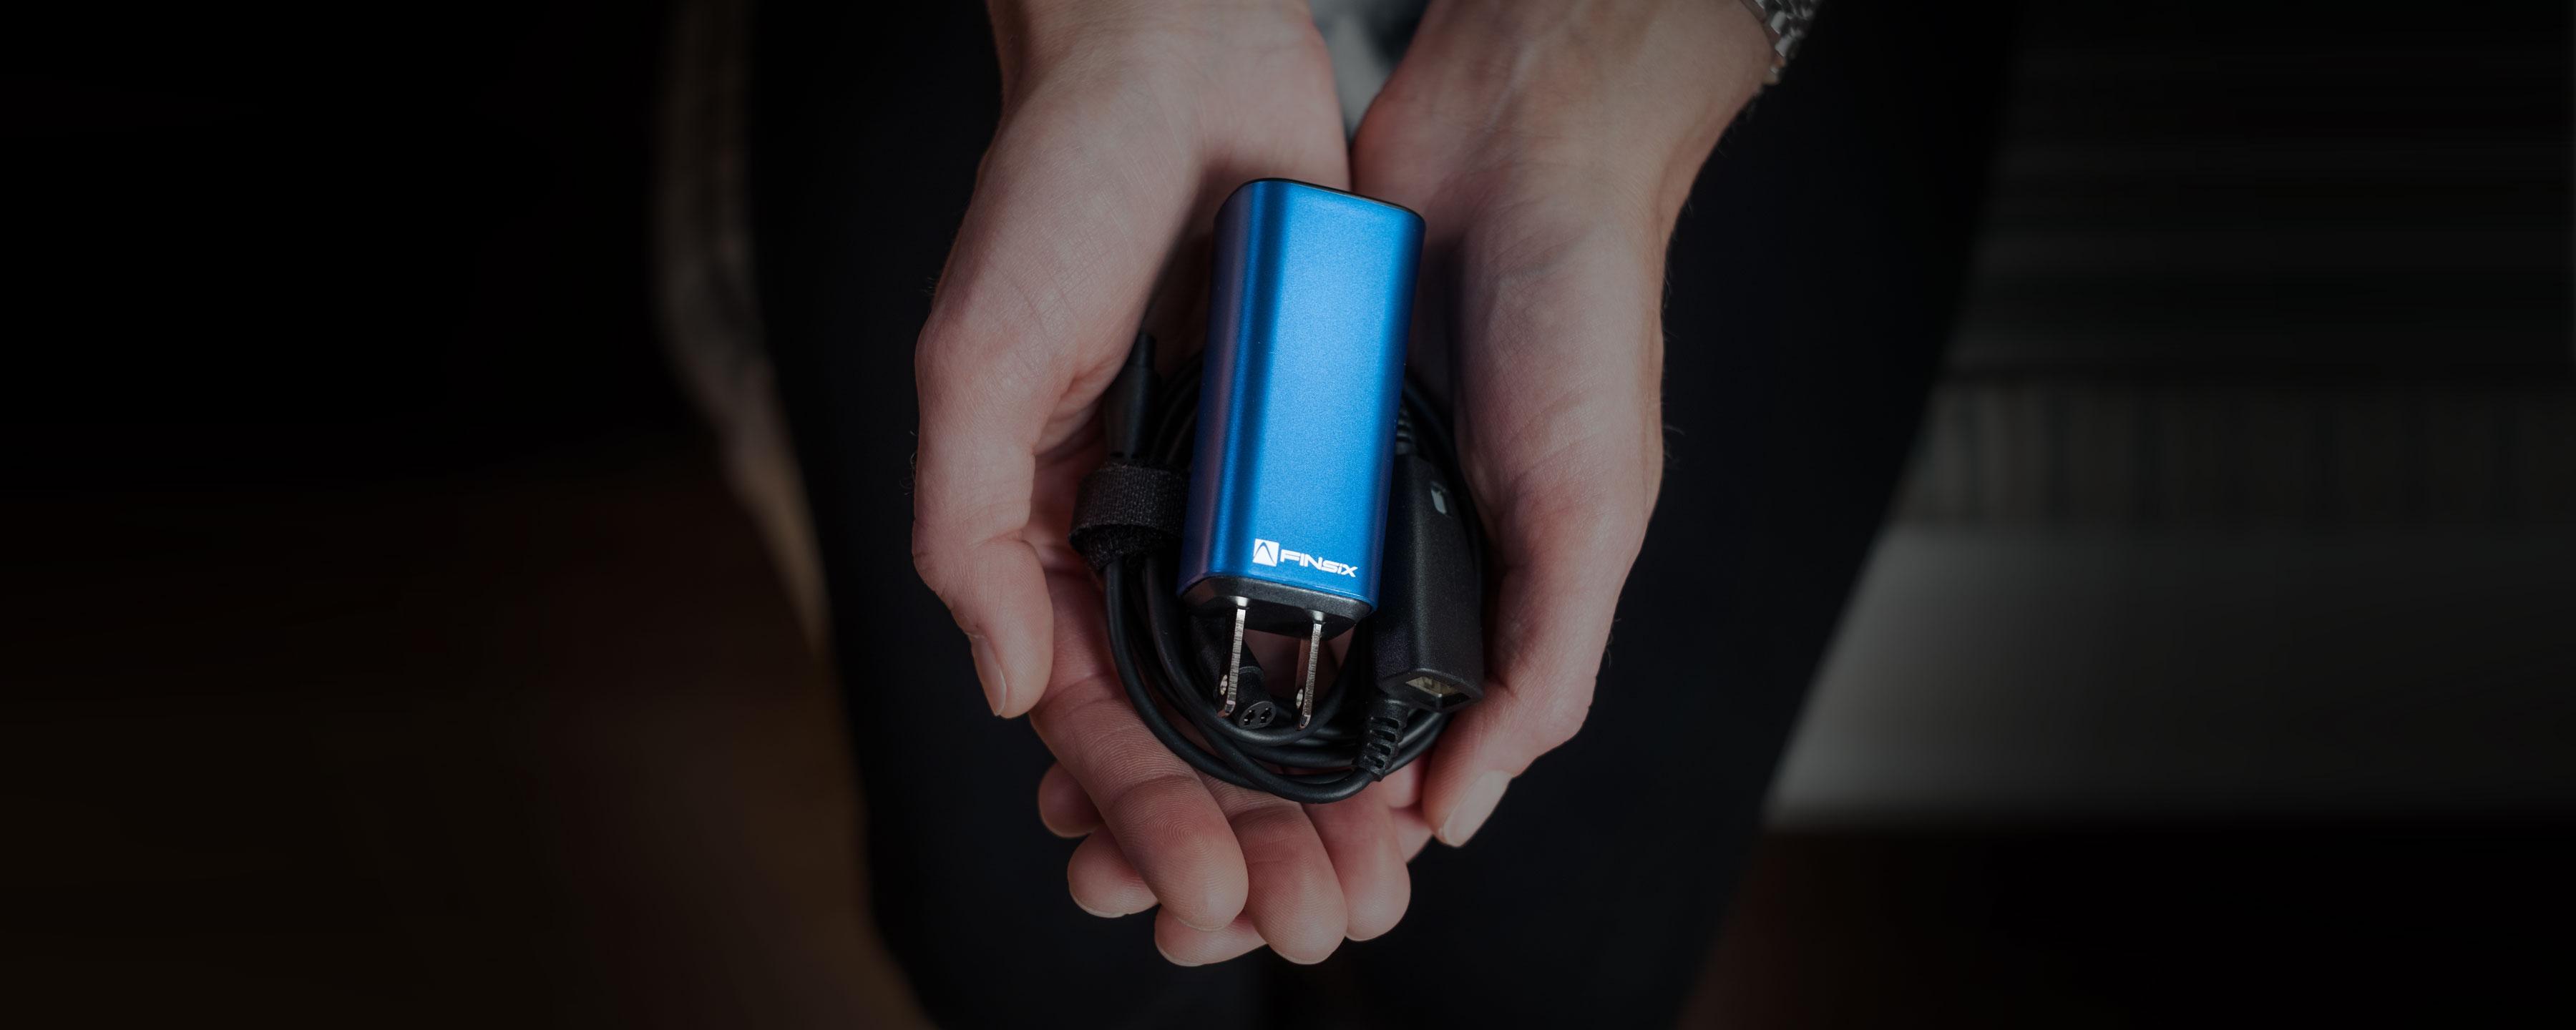 DART®: The World's Smallest Laptop Adapter® | FINsix®